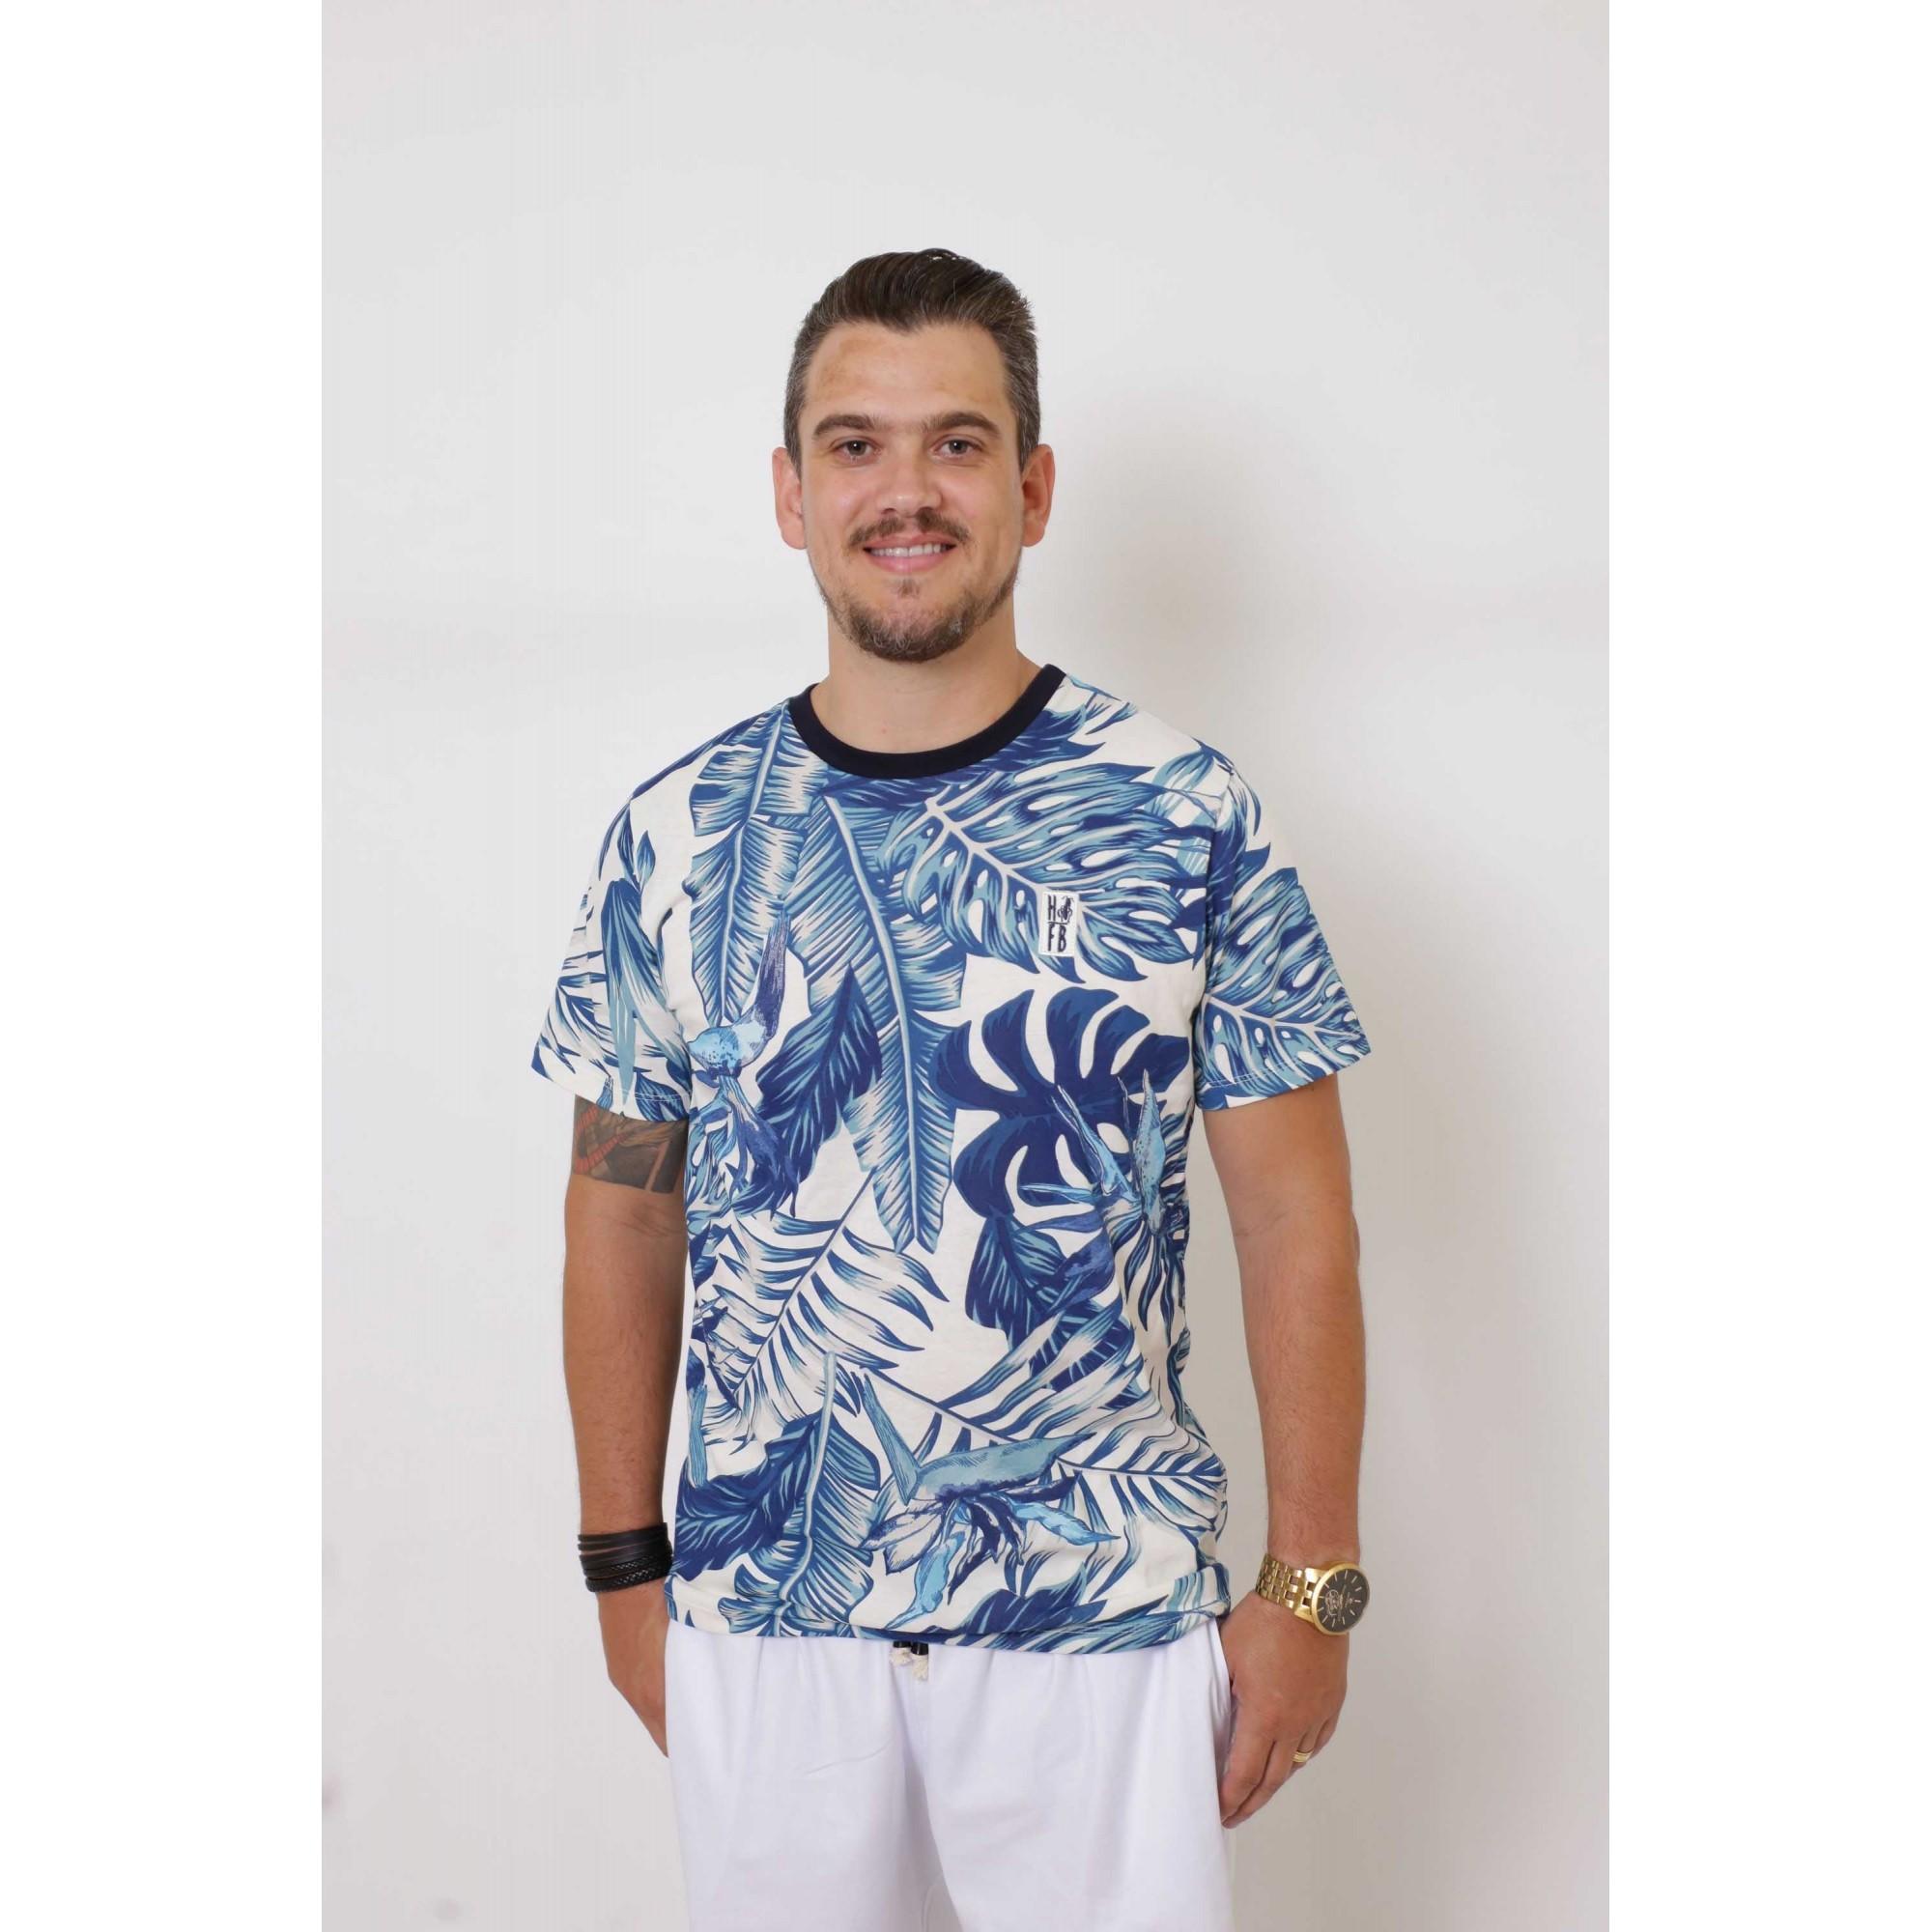 T-Shirt - Caribe Masculina   - Heitor Fashion Brazil